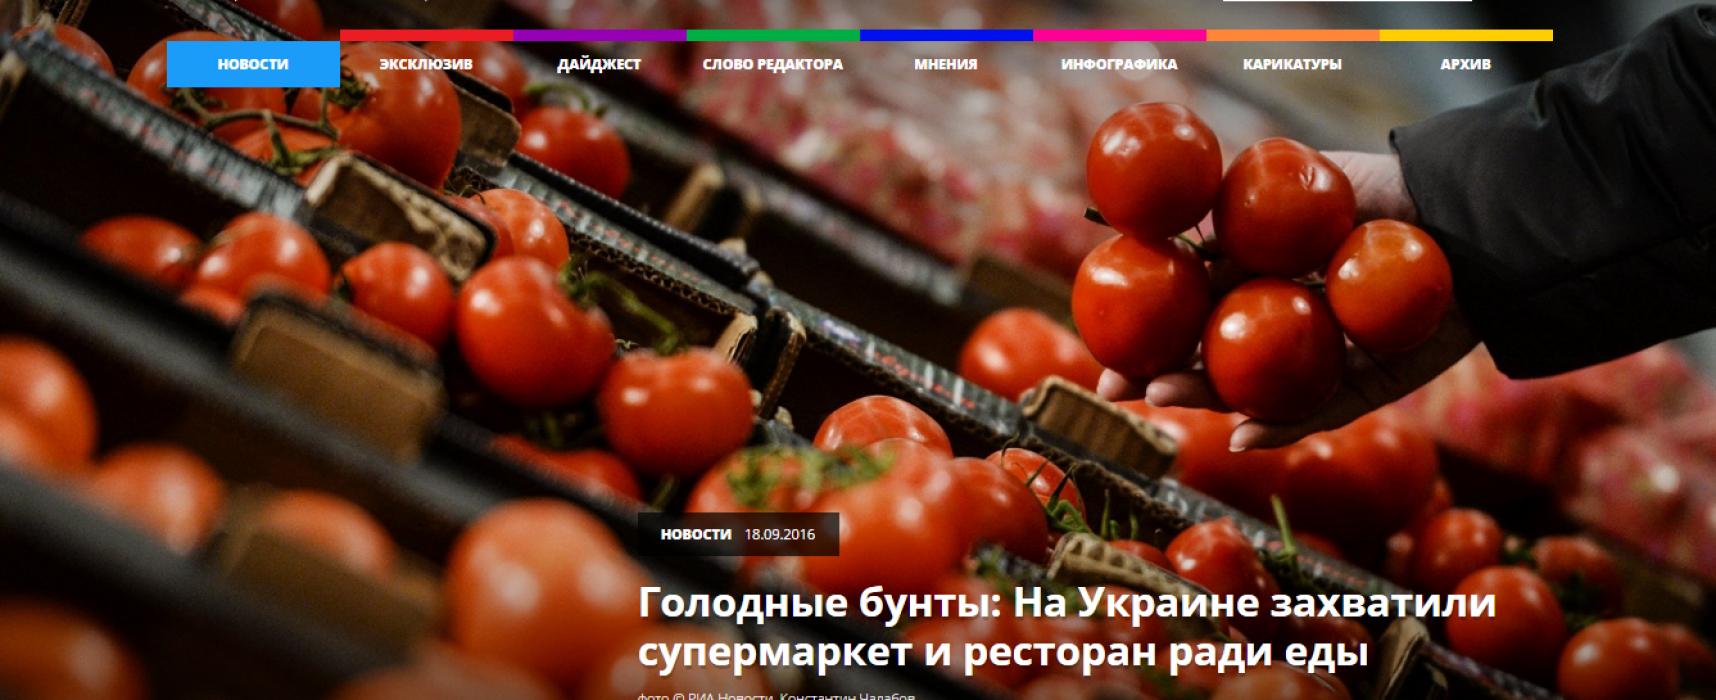 In Ucraina iniziano le rivolte per la fame